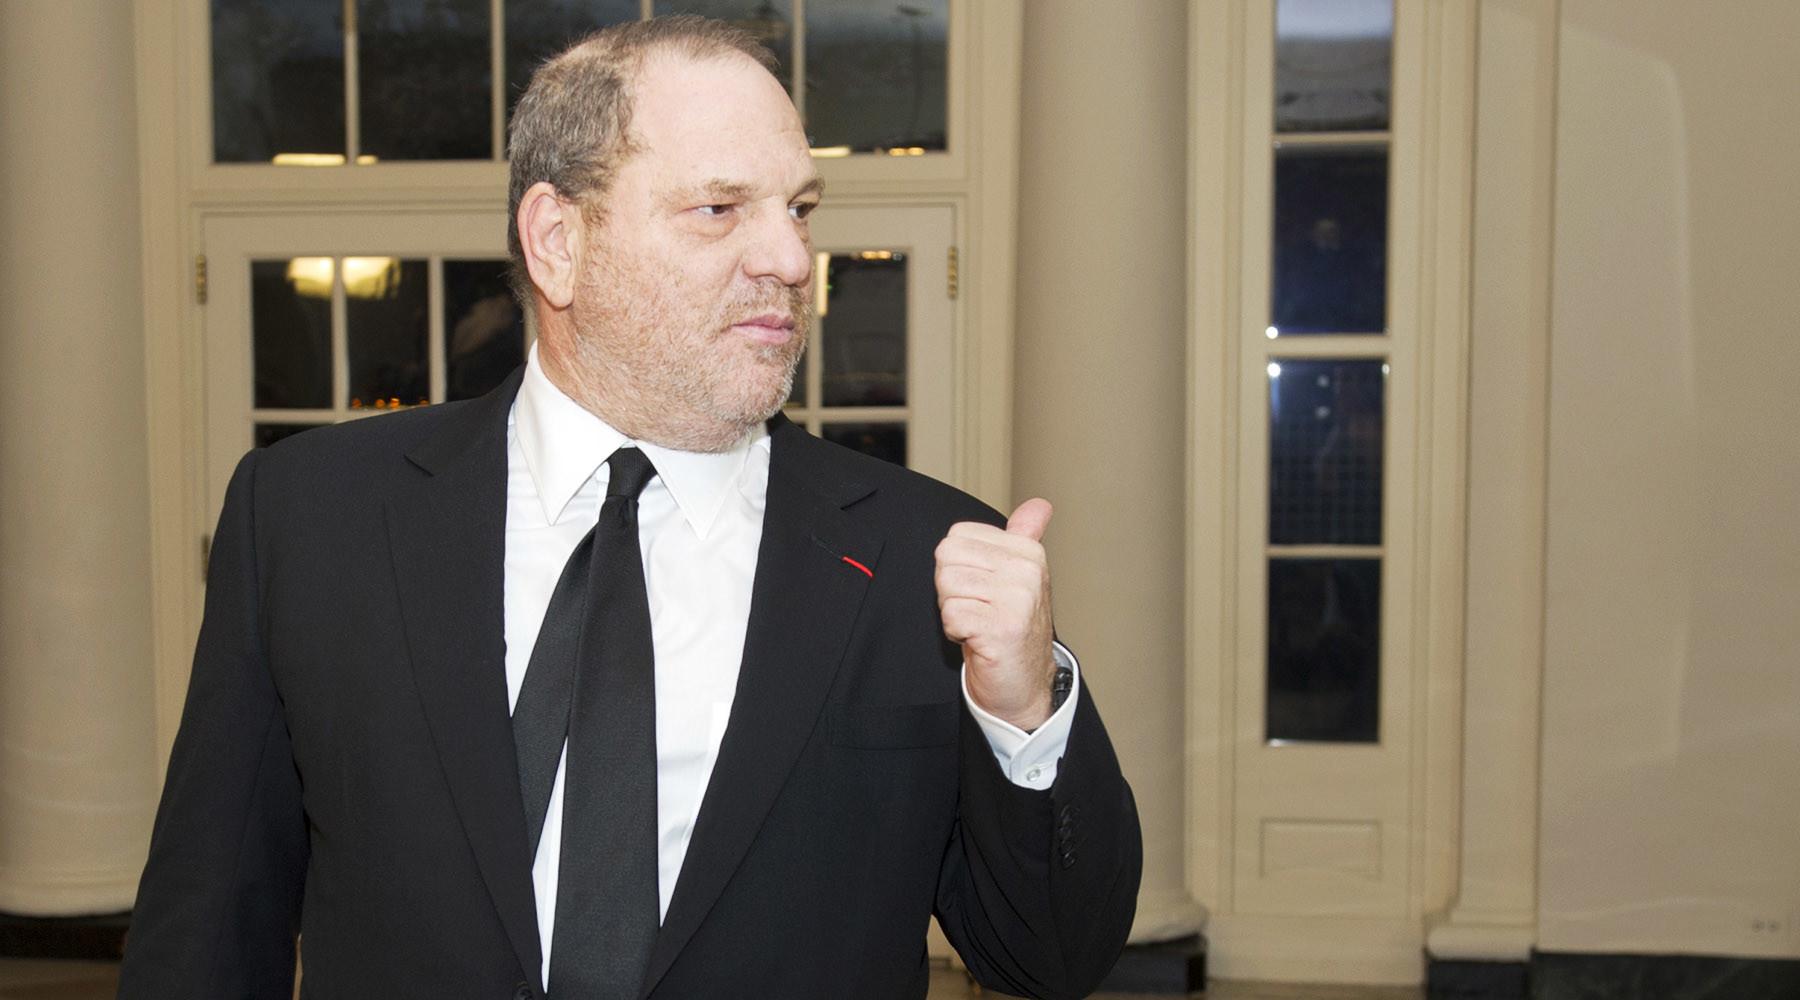 Преступные желания: в Лос-Анджелесе начали расследование дела продюсера Вайнштейна о домогательствах